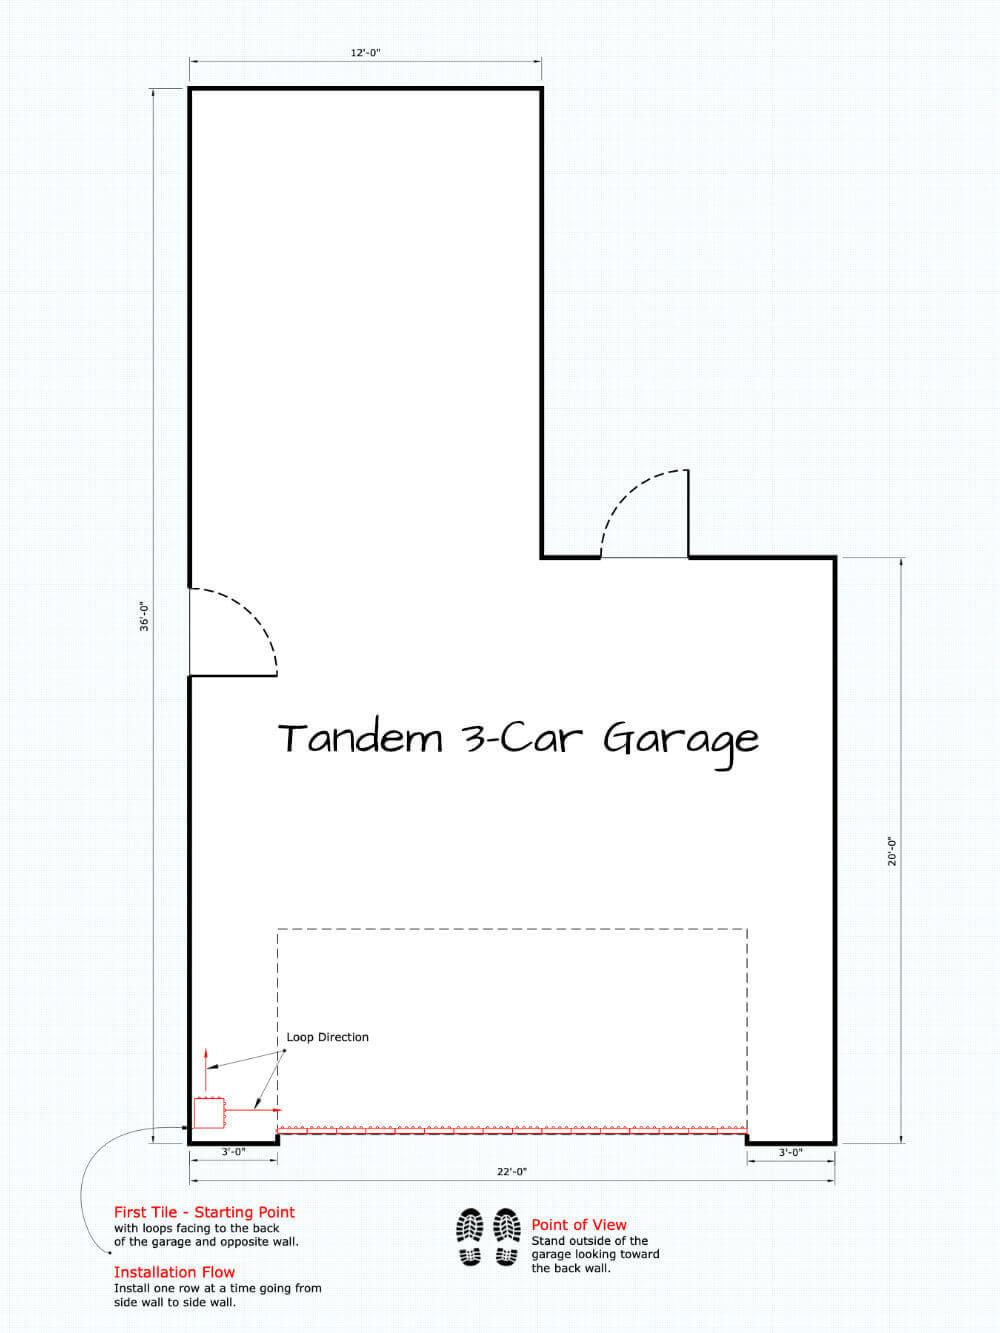 Garage Floor Installation Starting Point Tandem 3 Car Garage